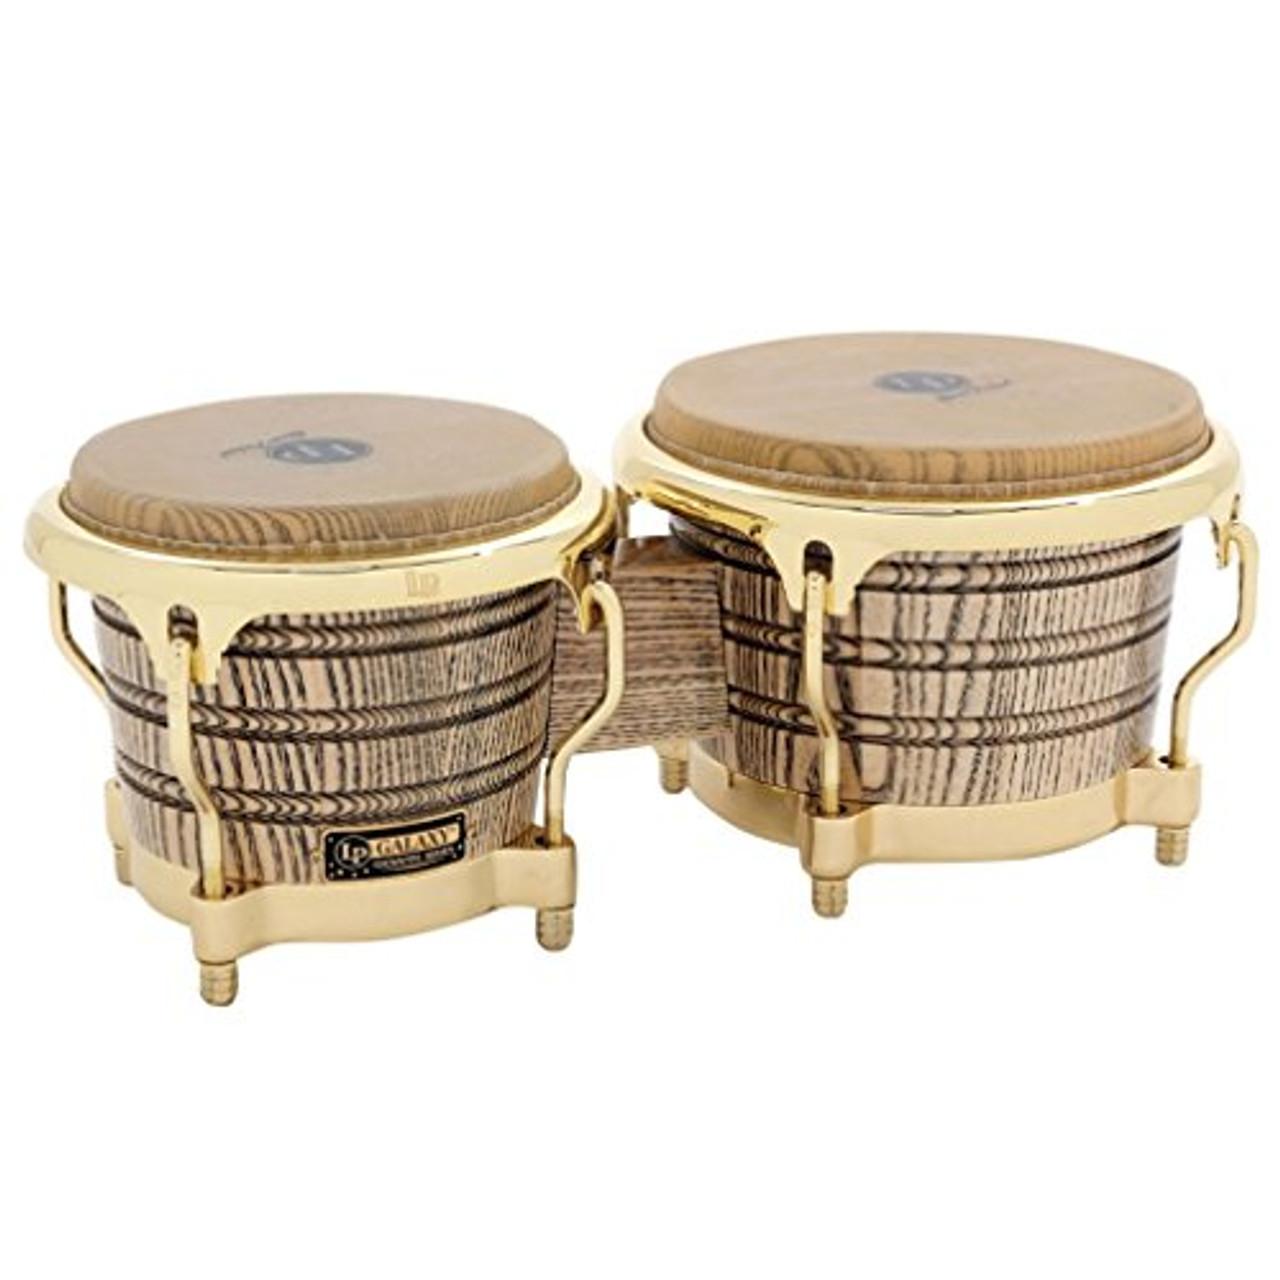 Drum Workshop Gio Ccii 7 1/4-8 5/8 Bongo N Am Ash Gd